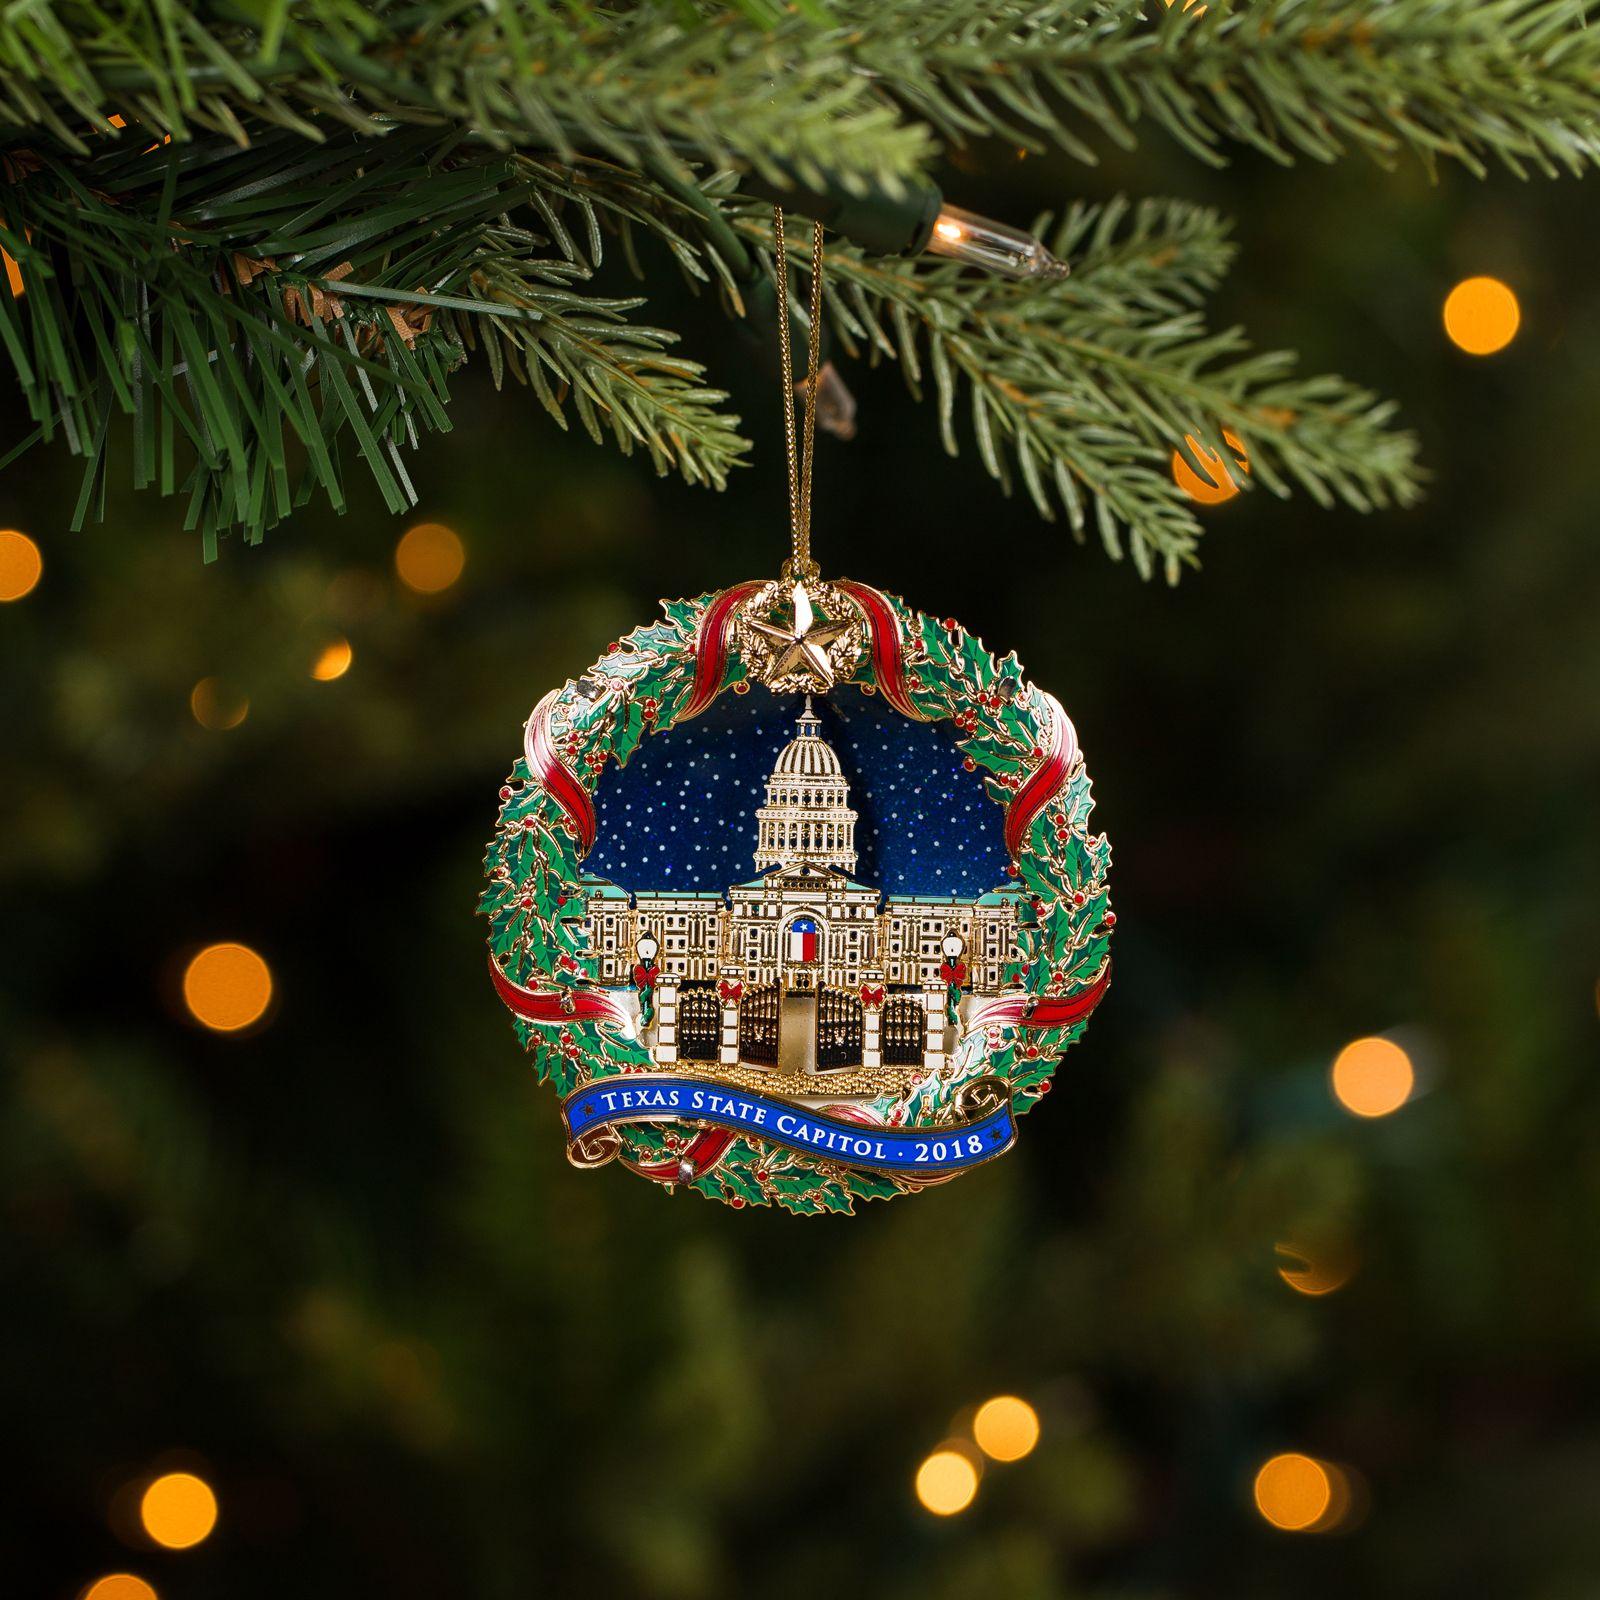 2018 Texas Capitol Ornament